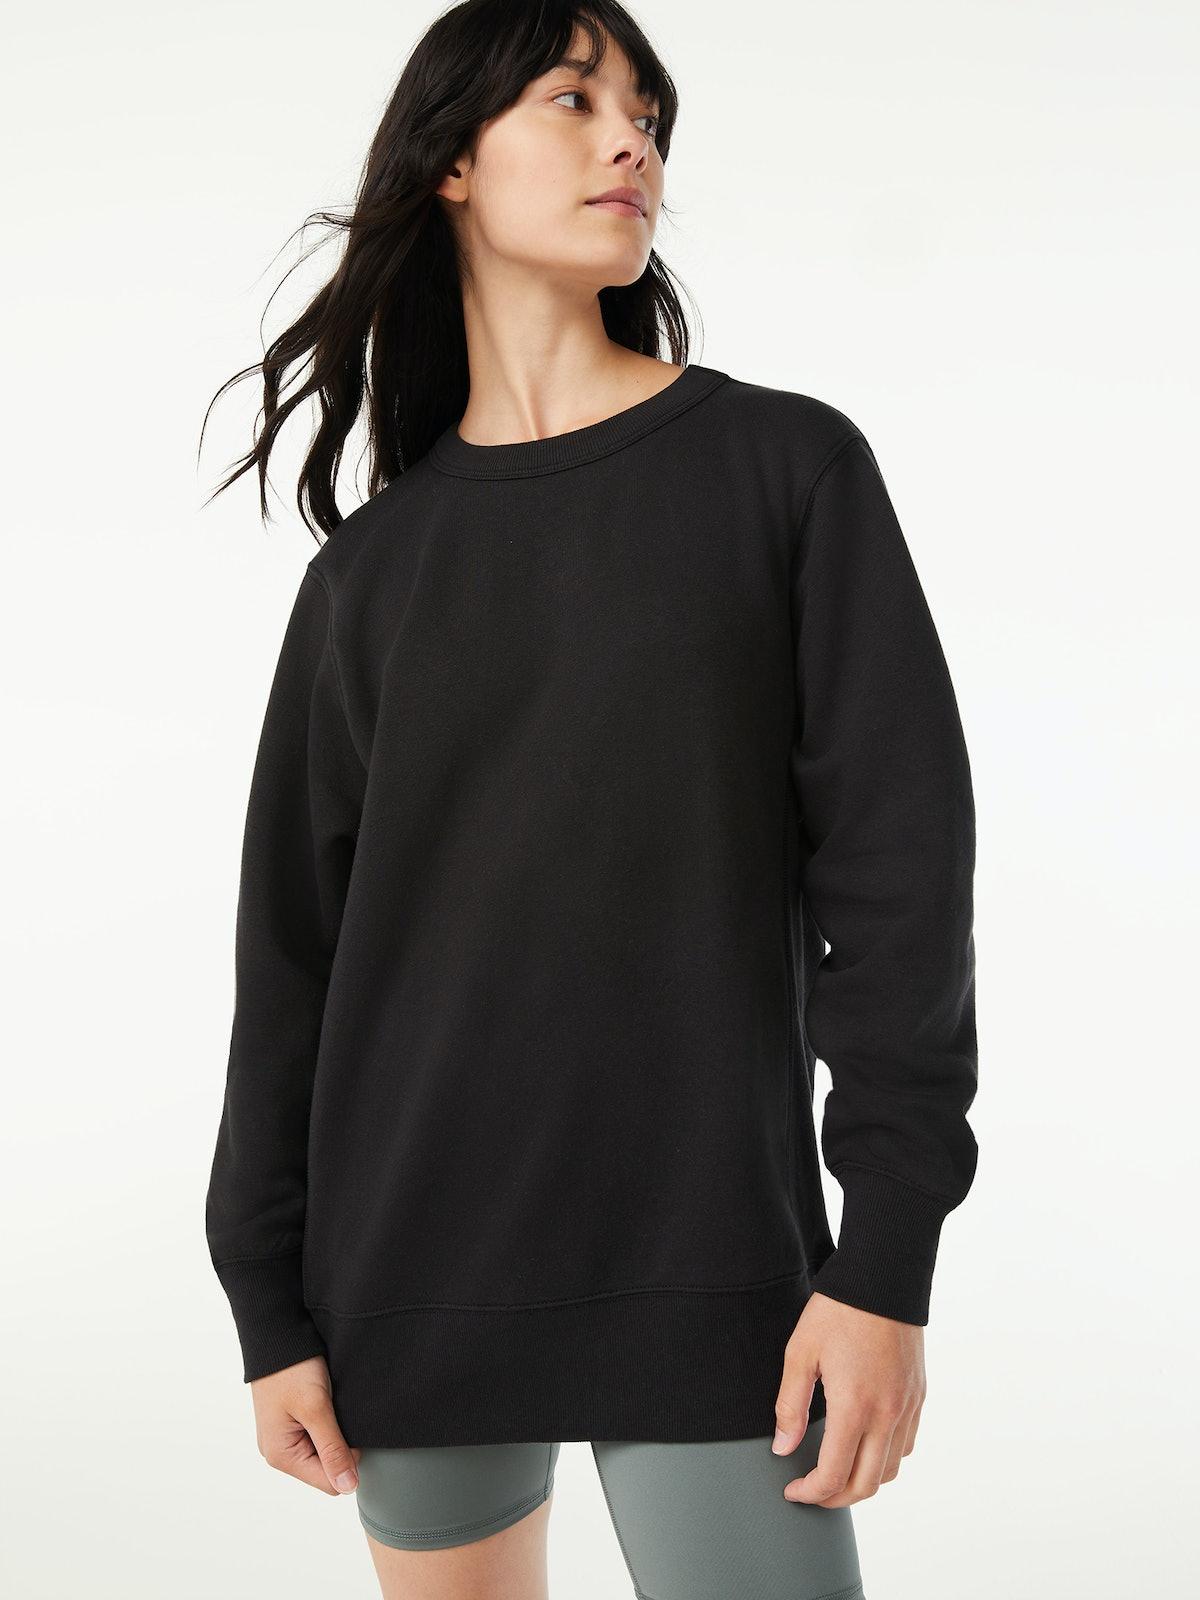 Tunic Fleece Sweatshirt